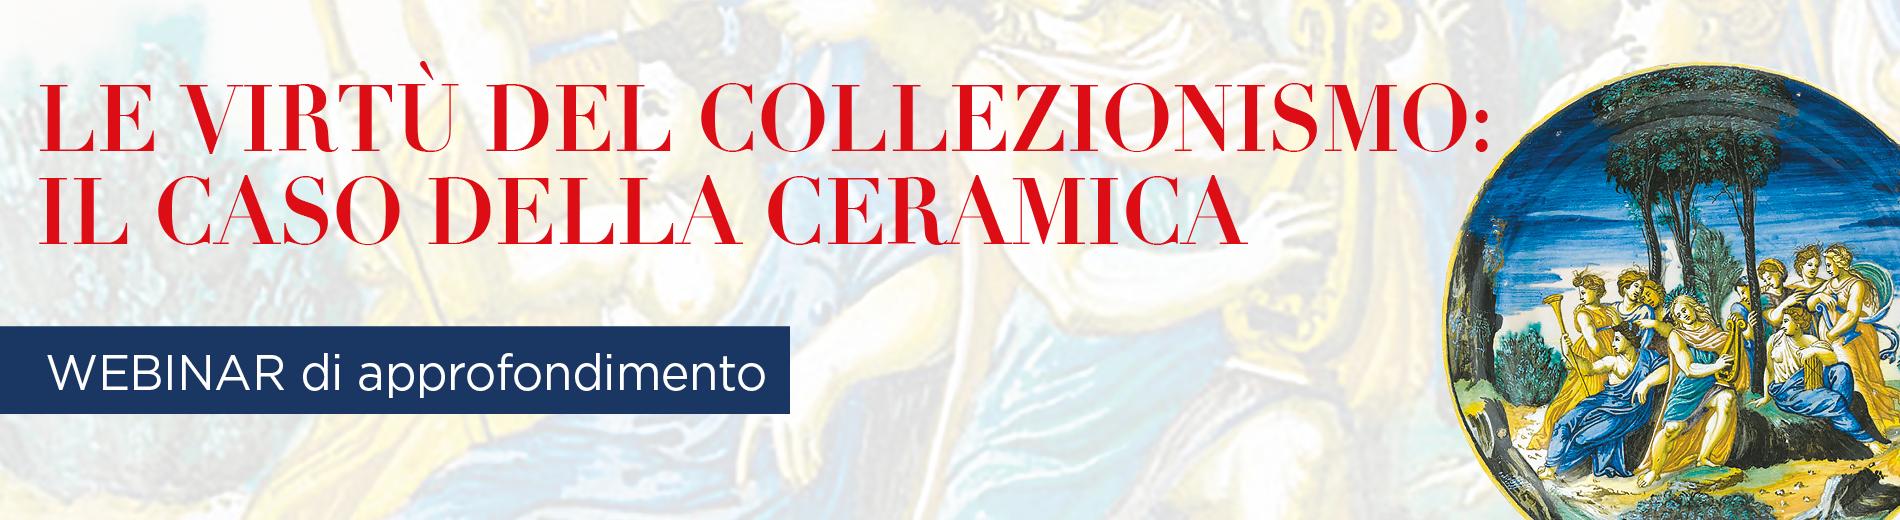 Le virtù del collezionismo: il caso della ceramica